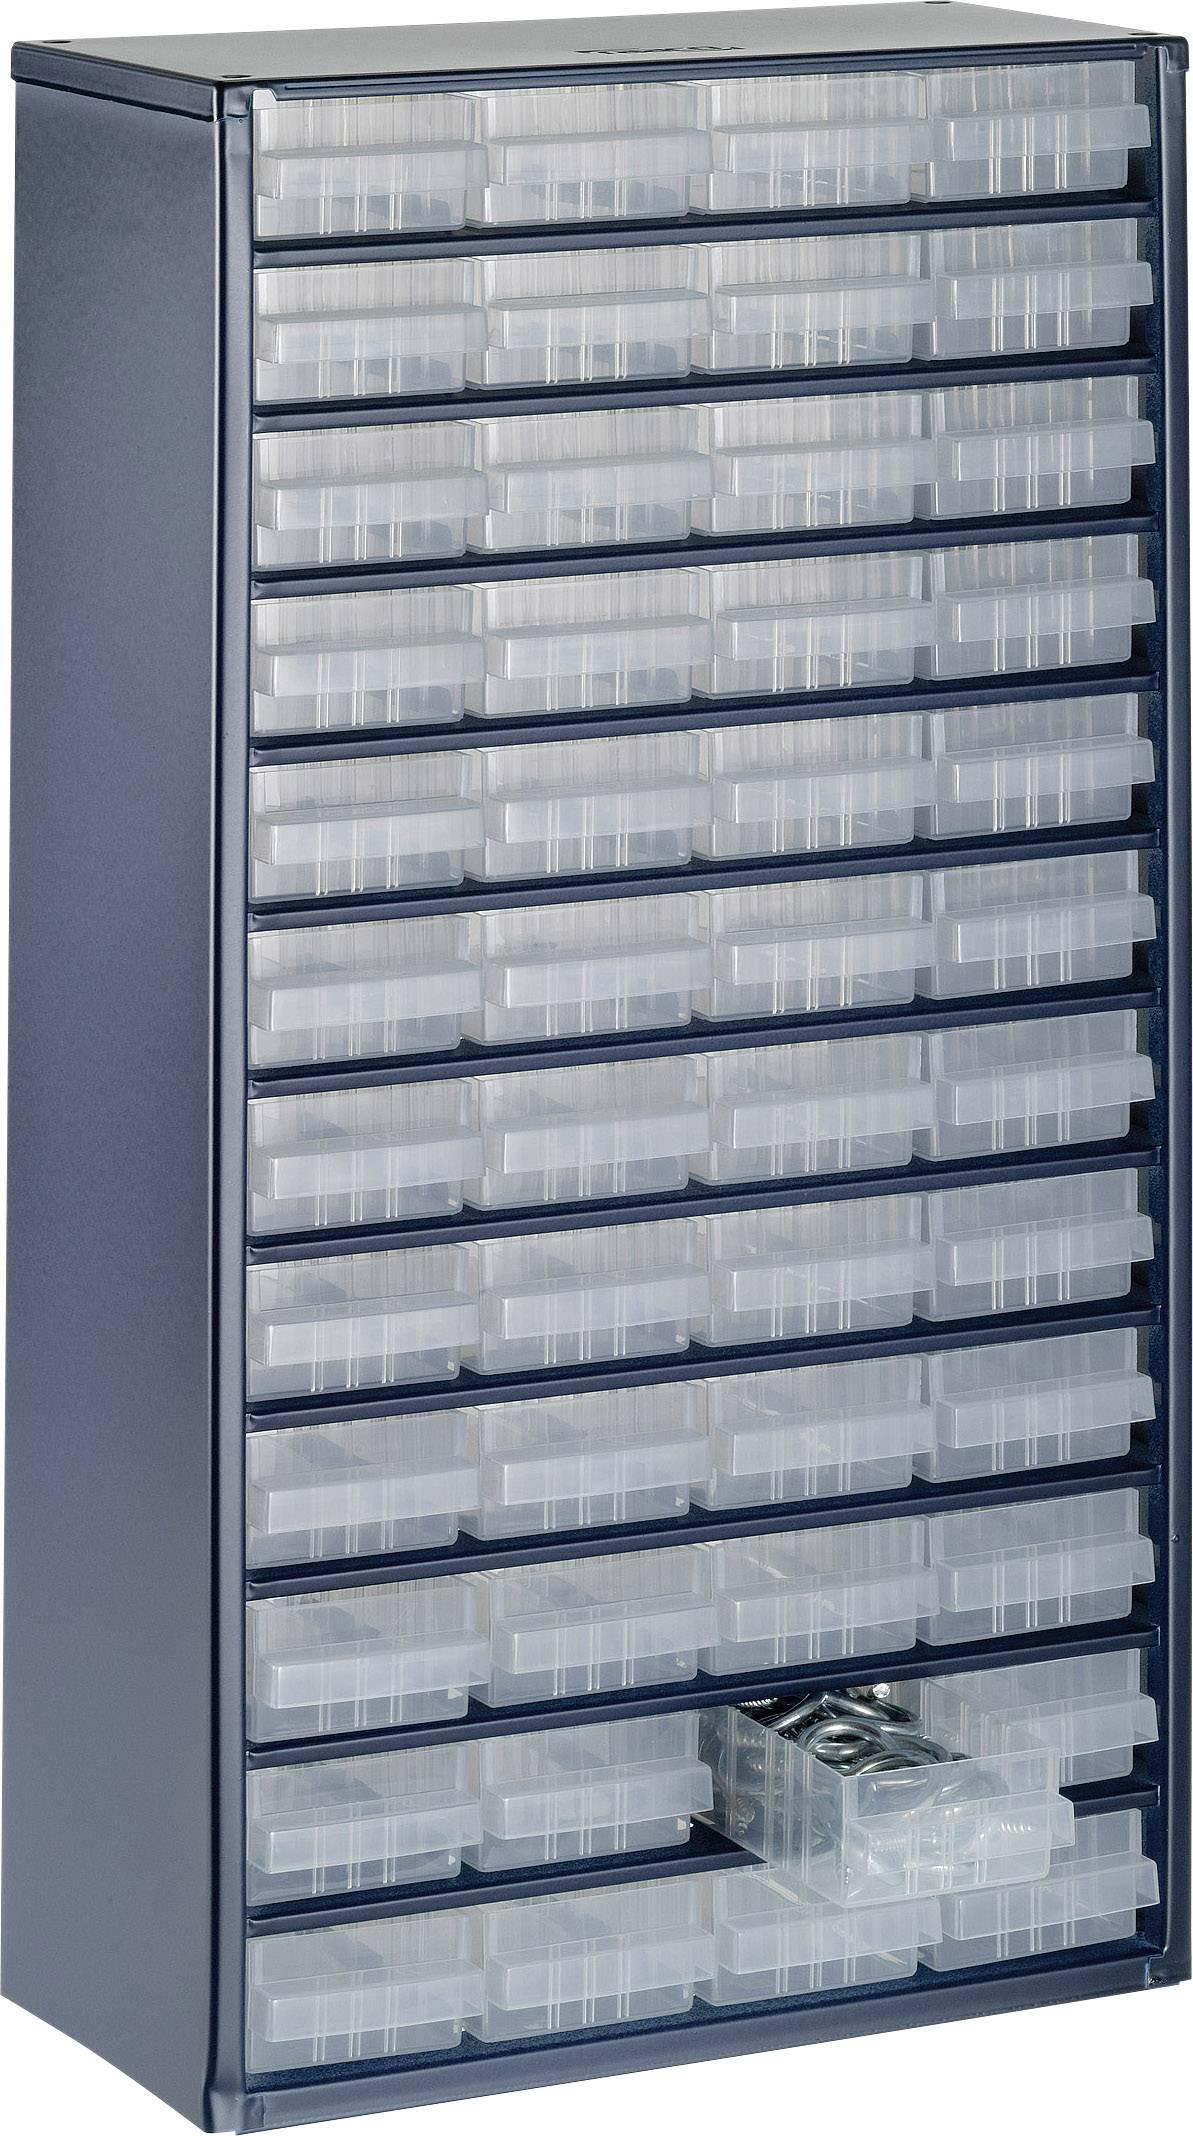 306 x 150 x 552mm Anzahl Fächer L x B x H Raaco 1248-01 Schubladenschrank 48